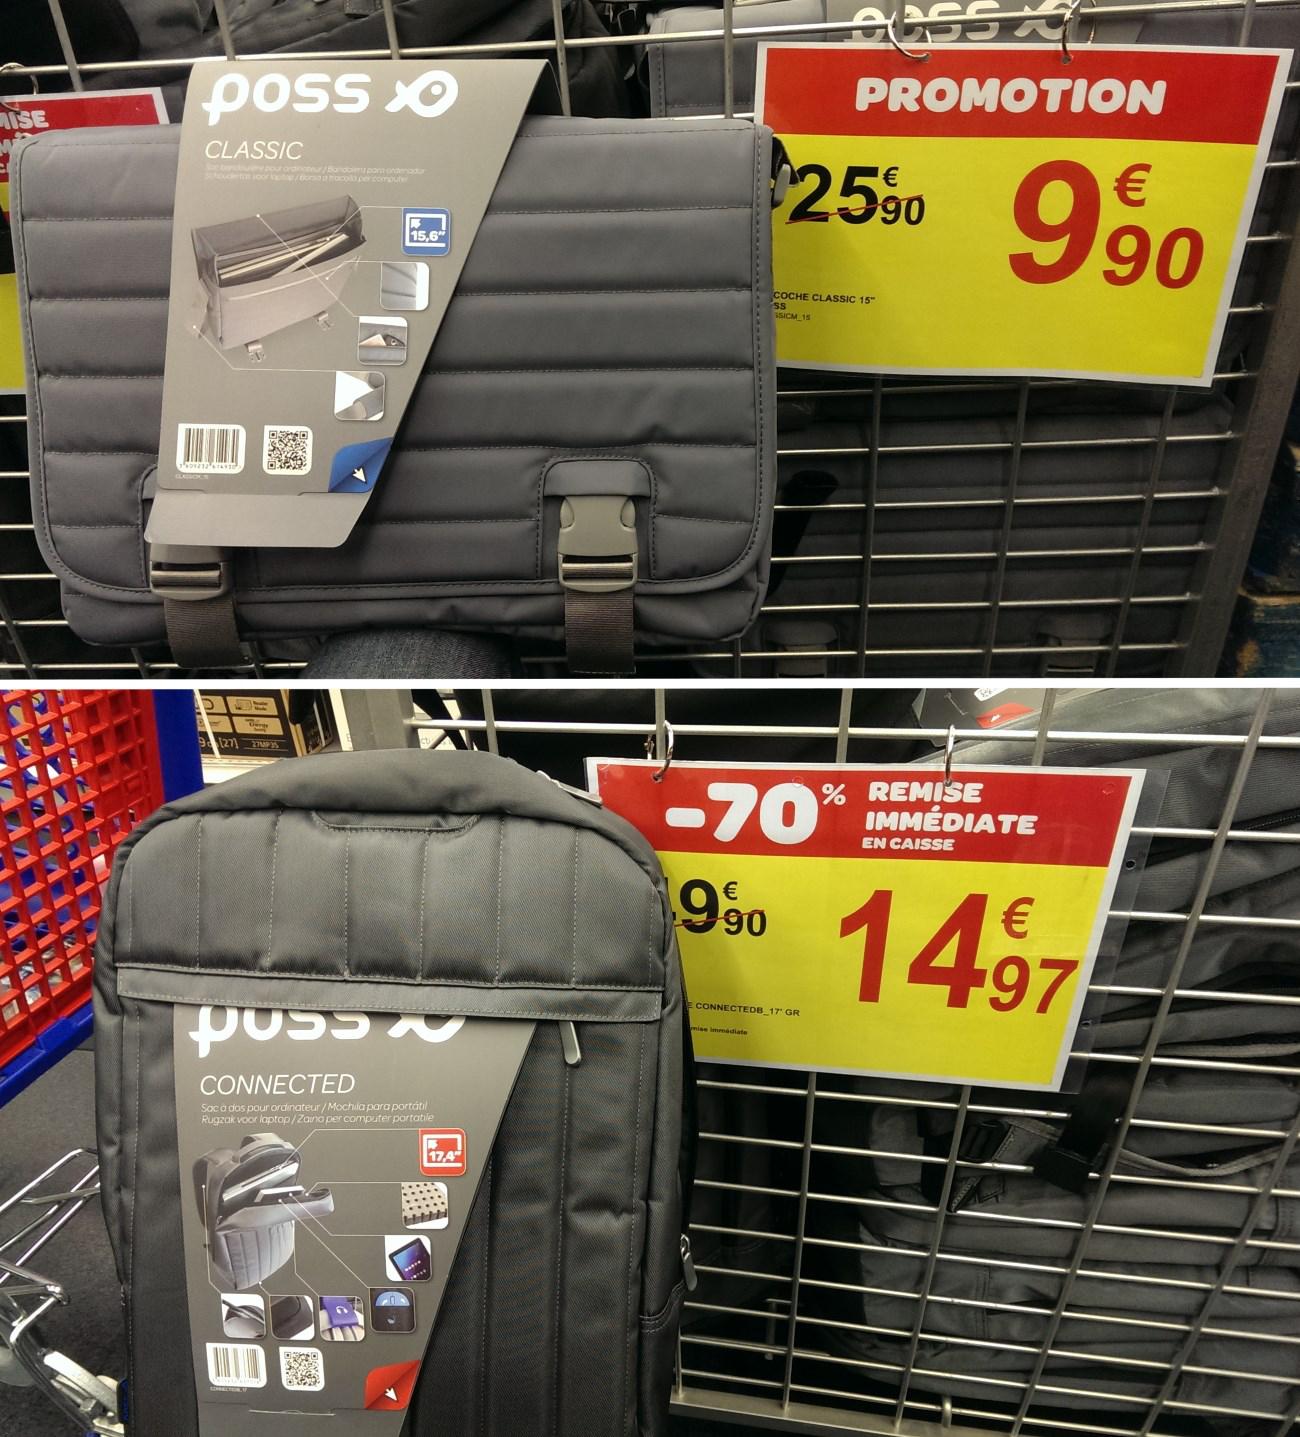 """Sacoche Poss pour PC Portable 15.6"""" à 9.9€ et Sac à dos Poss pour PC Portable 17.4"""""""